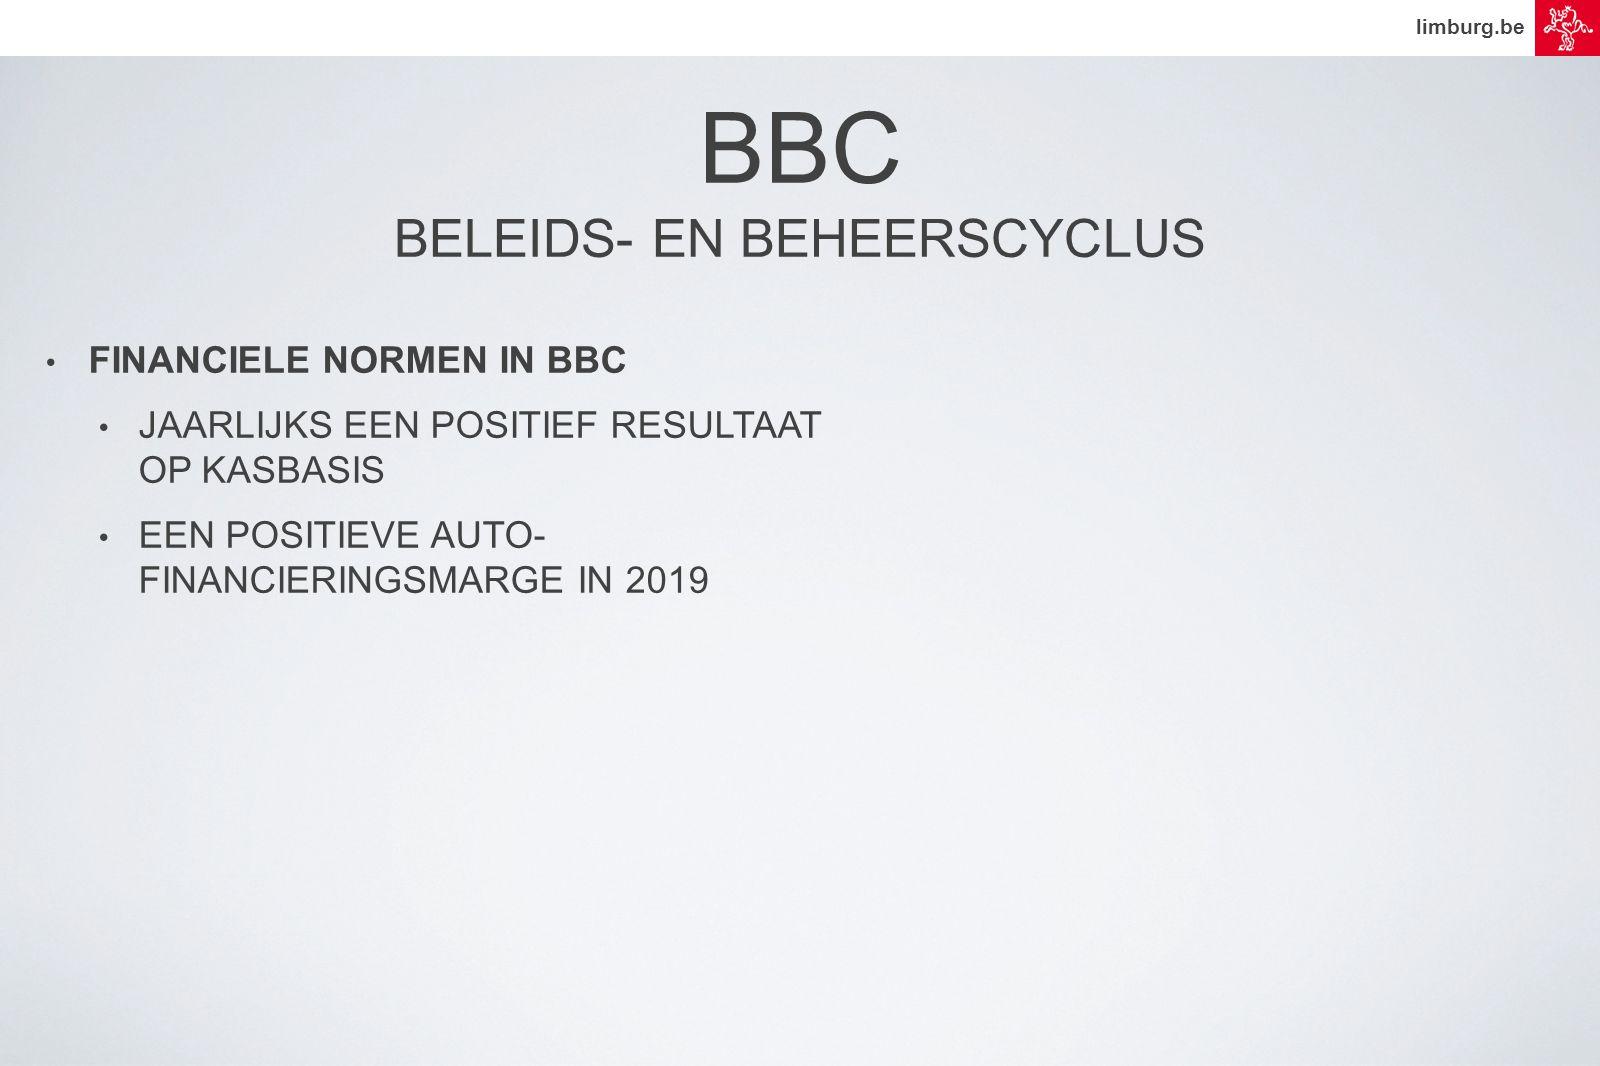 limburg.be • FINANCIELE NORMEN IN BBC • JAARLIJKS EEN POSITIEF RESULTAAT OP KASBASIS • EEN POSITIEVE AUTO- FINANCIERINGSMARGE IN 2019 BBC BELEIDS- EN BEHEERSCYCLUS